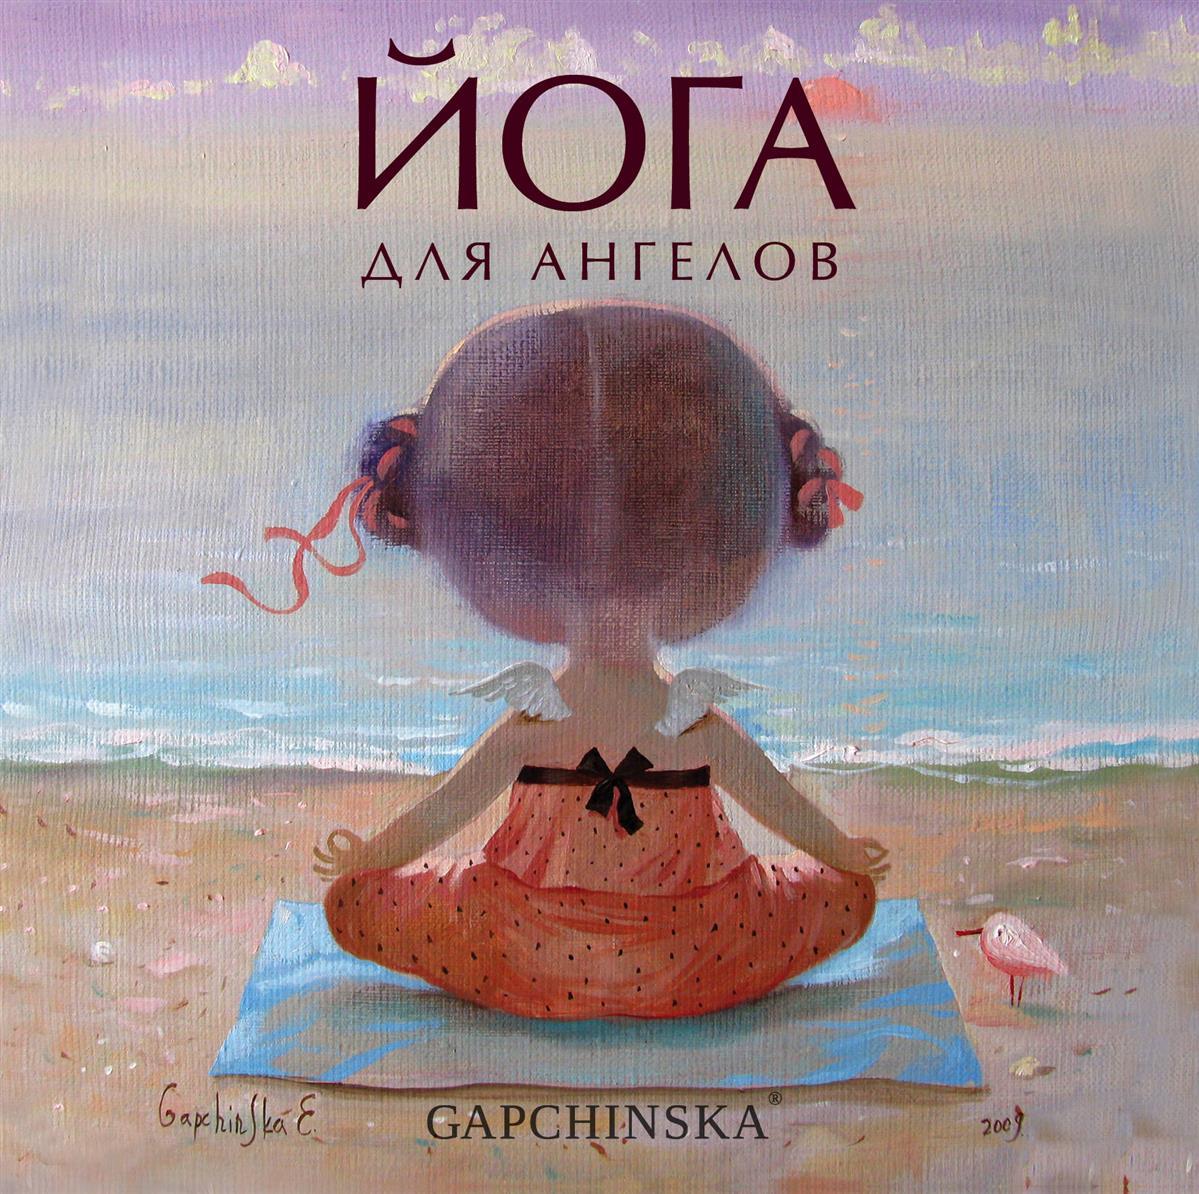 Гапчинская Е.: Йога для ангелов